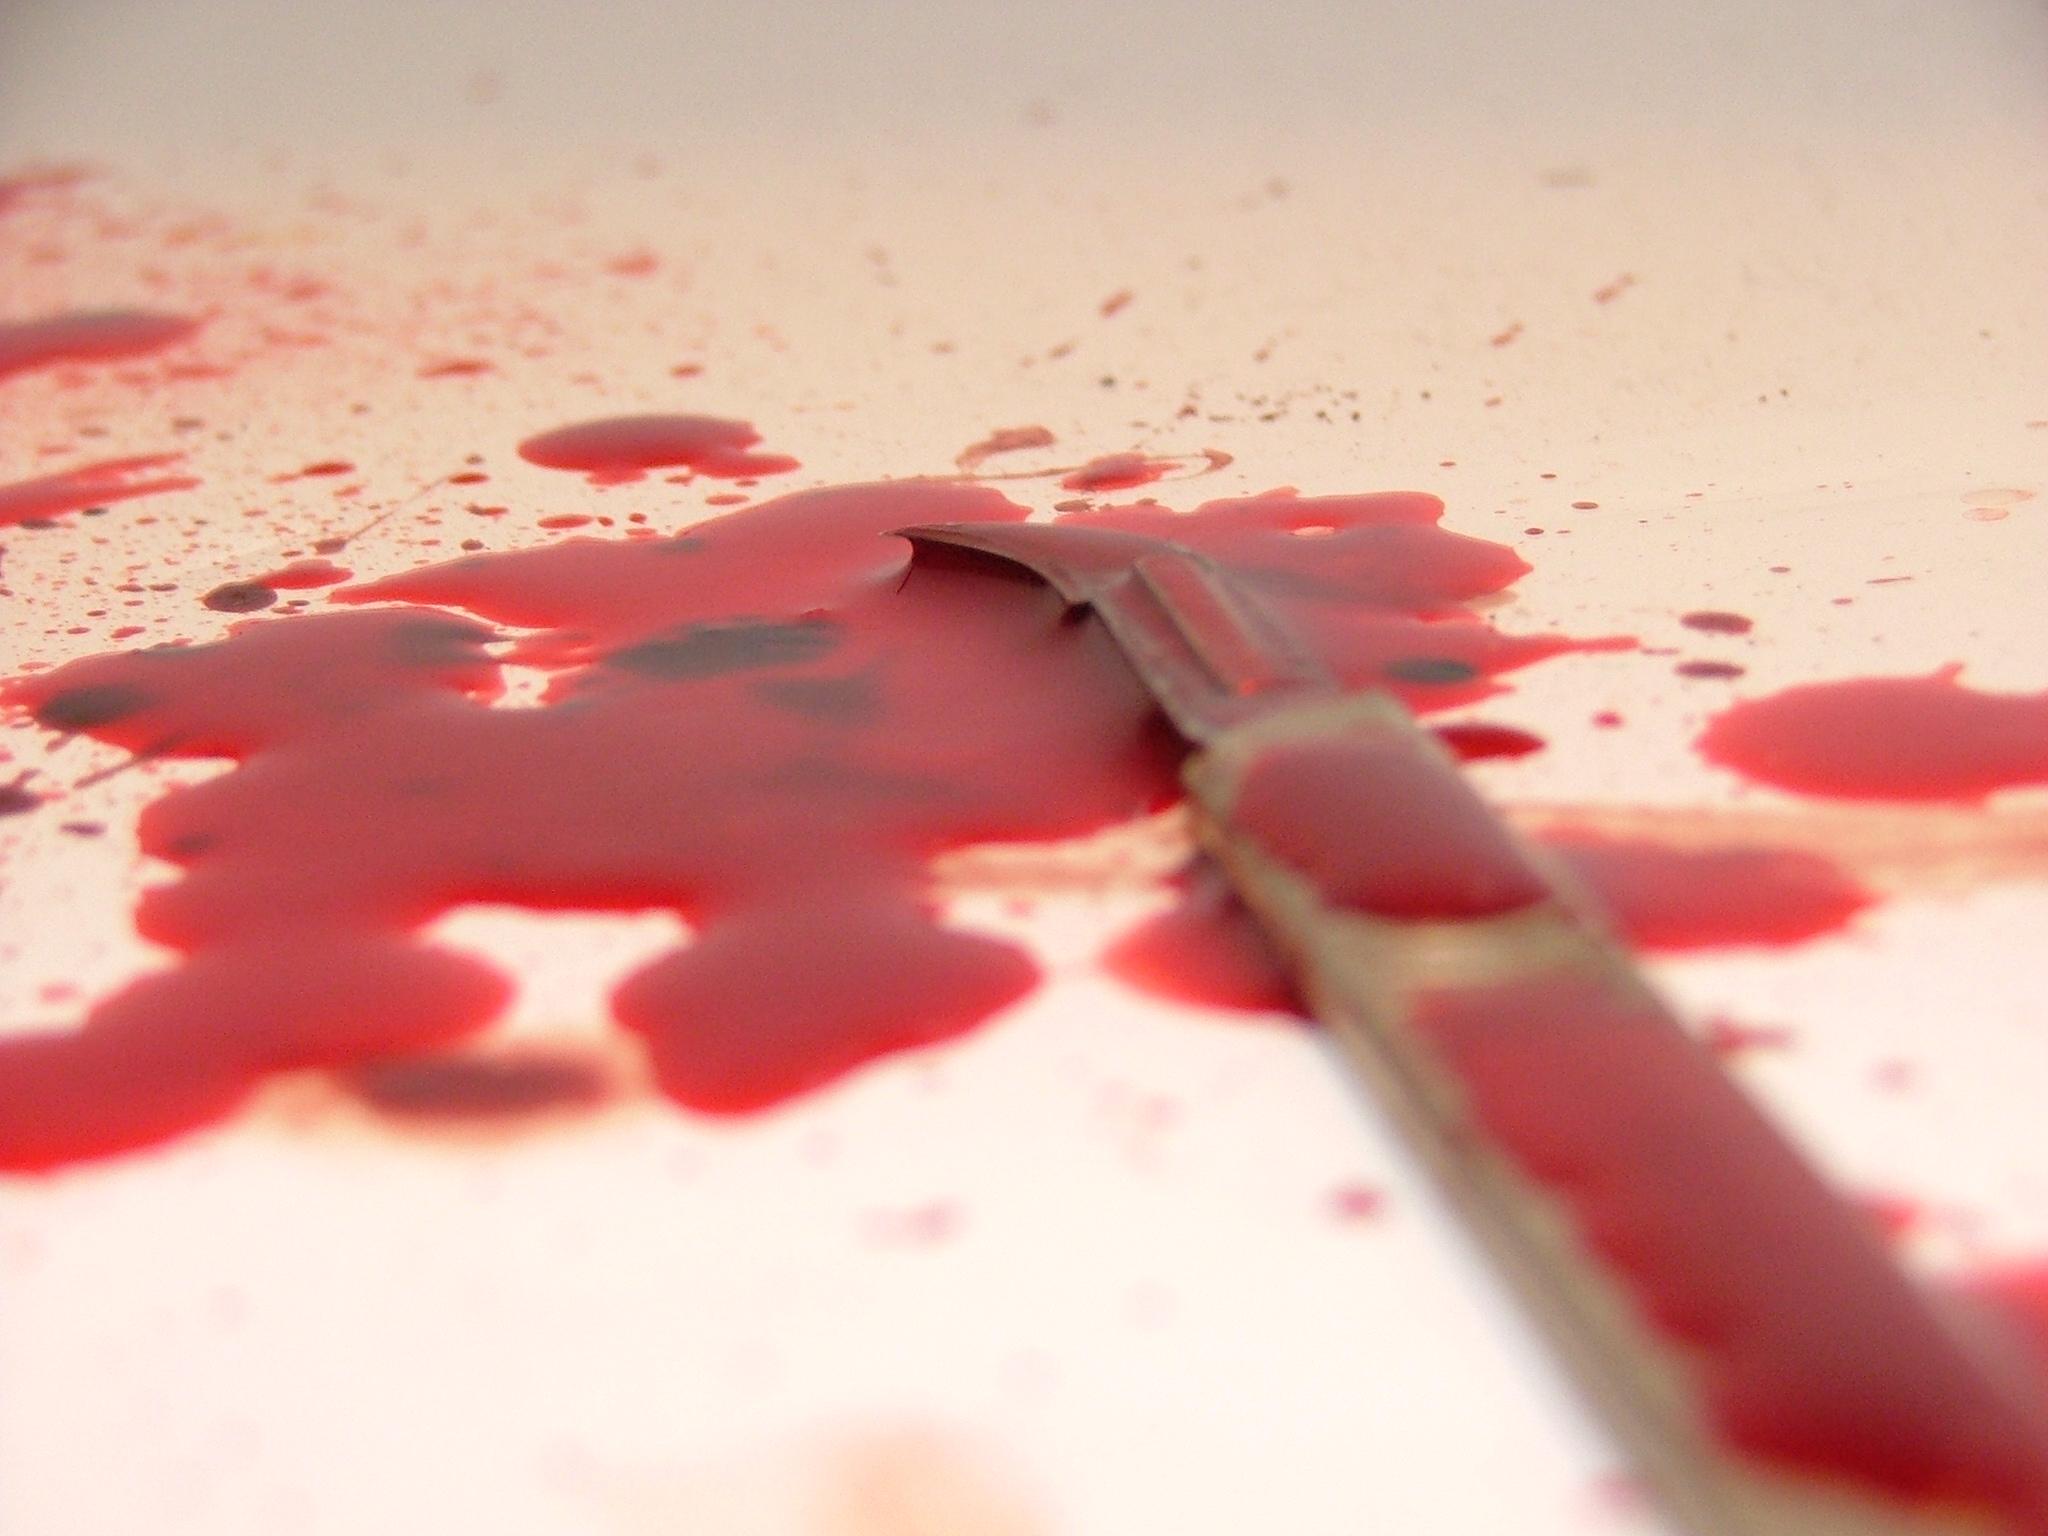 blood-knife-1197796